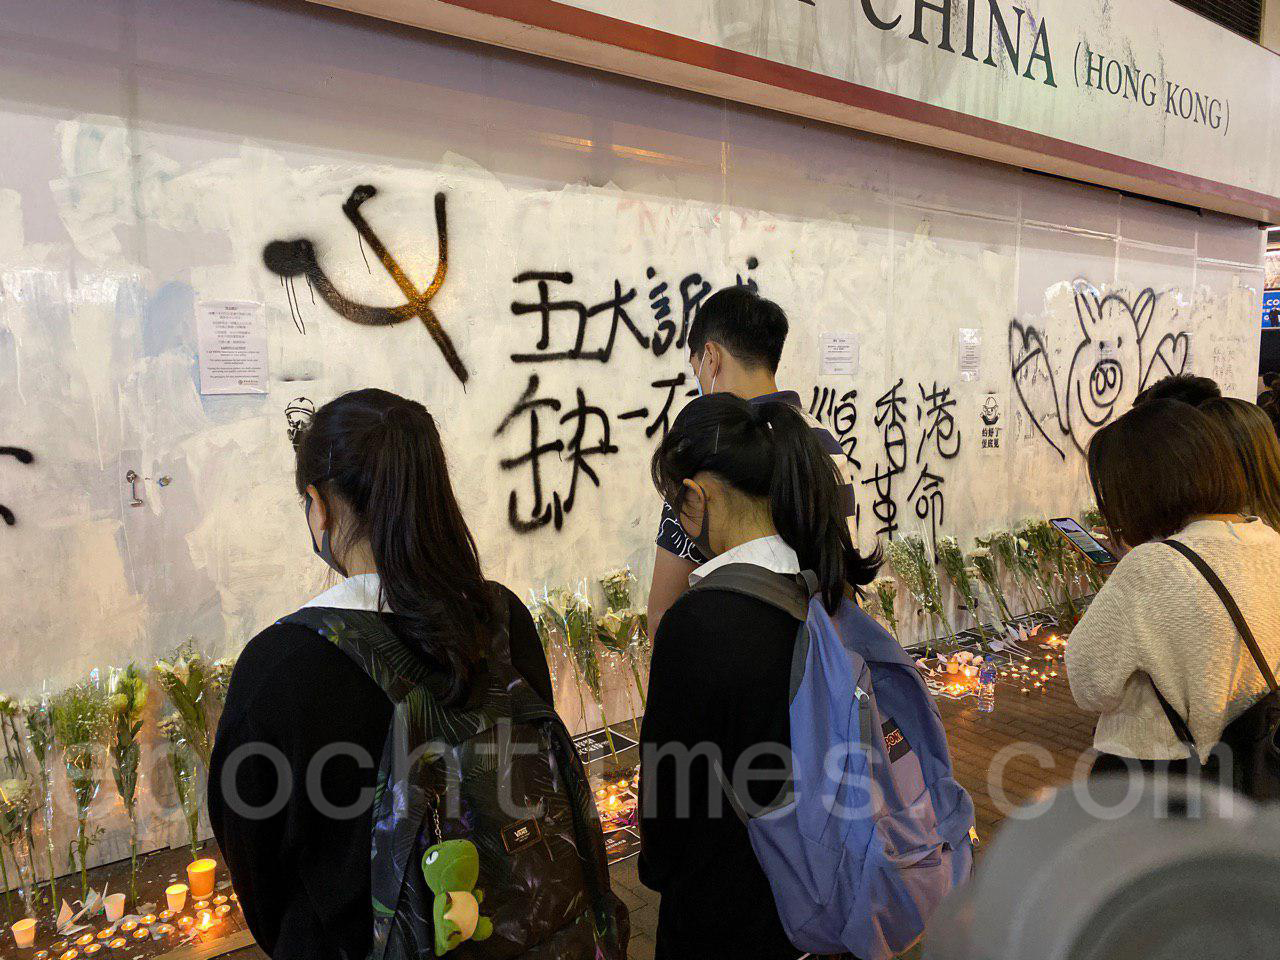 10月8日,科大生周同學在醫院不治去世,有市民發起「全城悼念周同學」活動。圖為元朗(余天佑/大紀元)